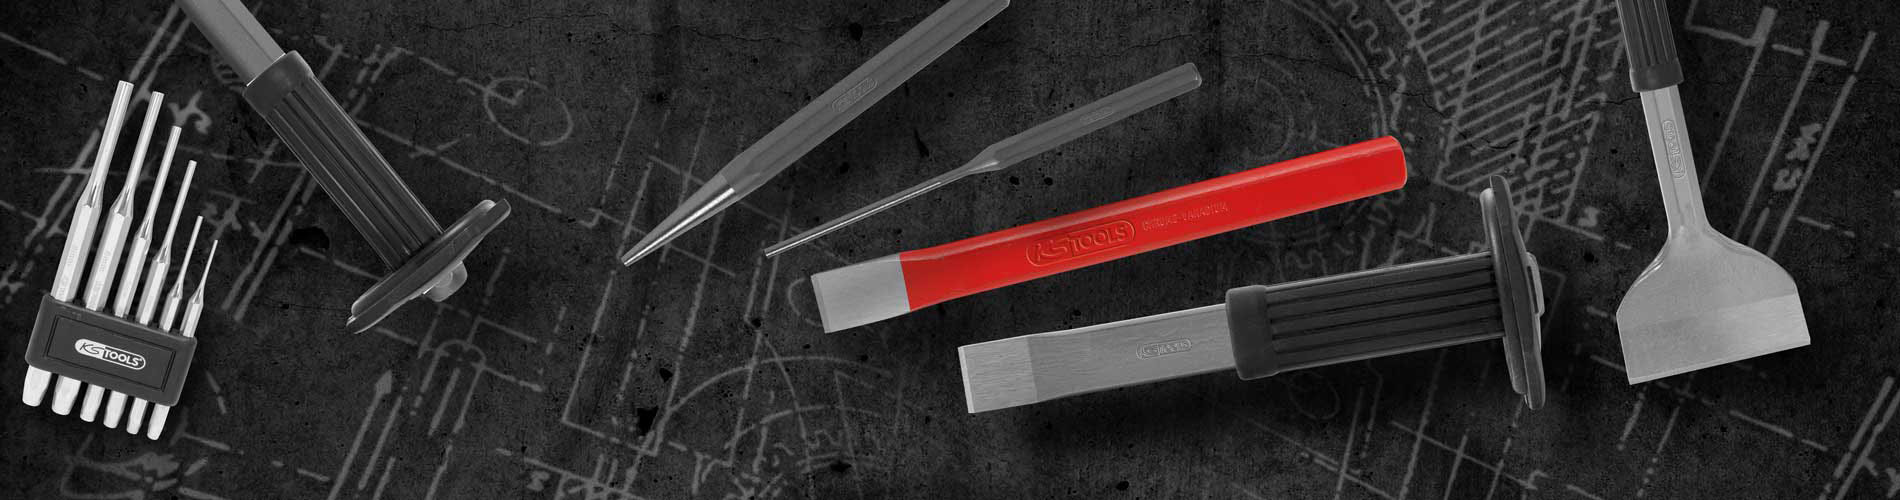 156.0241 8-kant KS TOOLS Flachmeißel mit Handschutzgriff 20mm